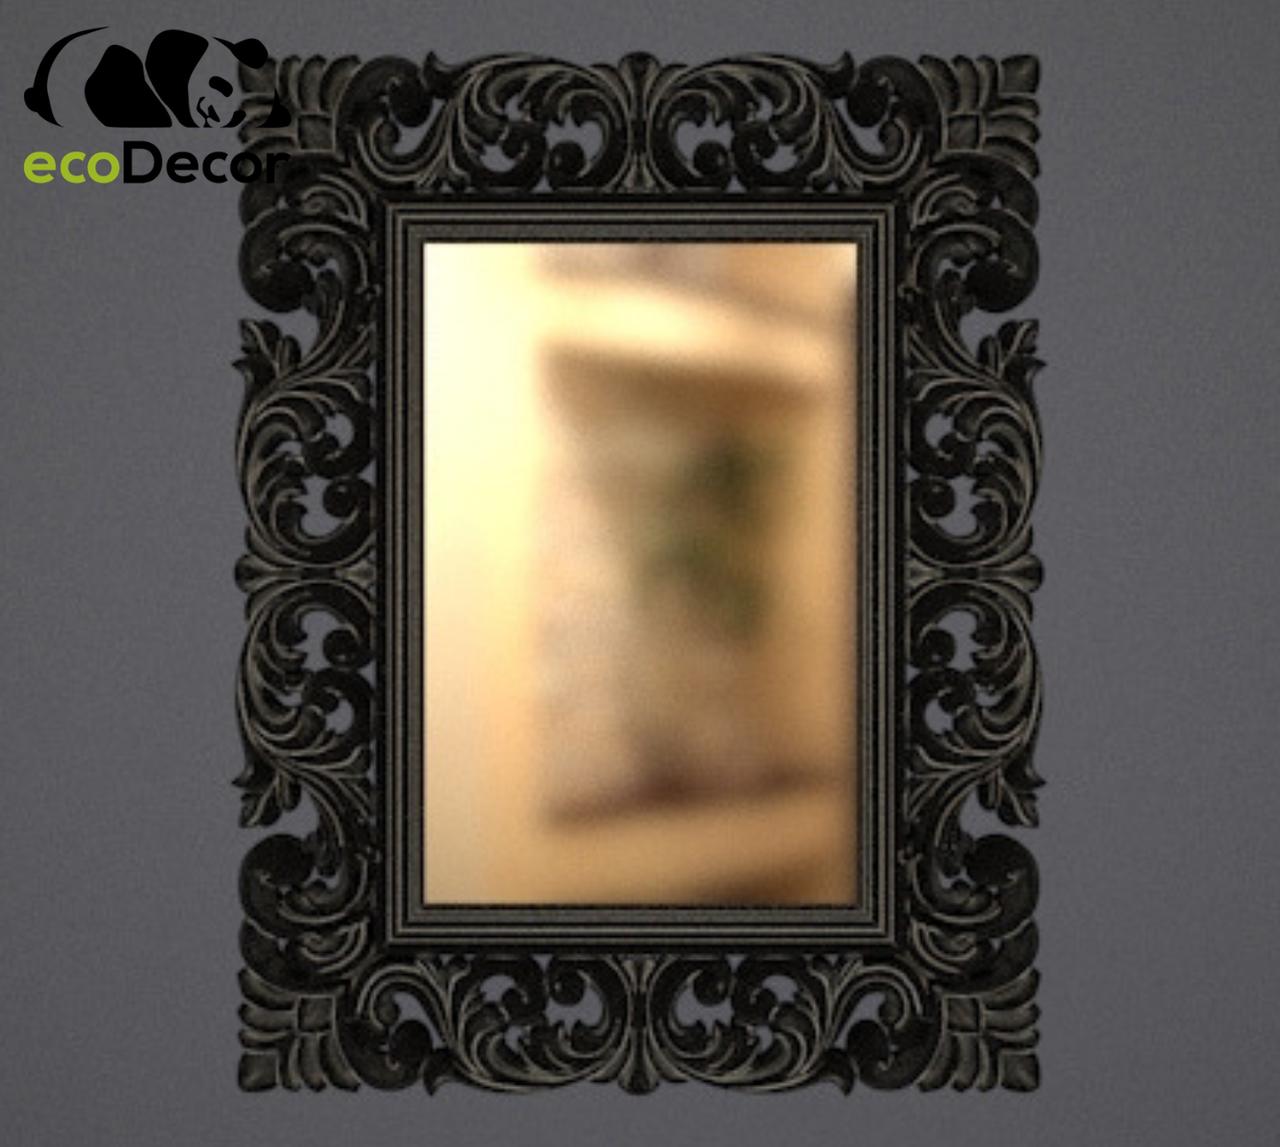 Зеркало настенное Rangoon в черной с белым раме